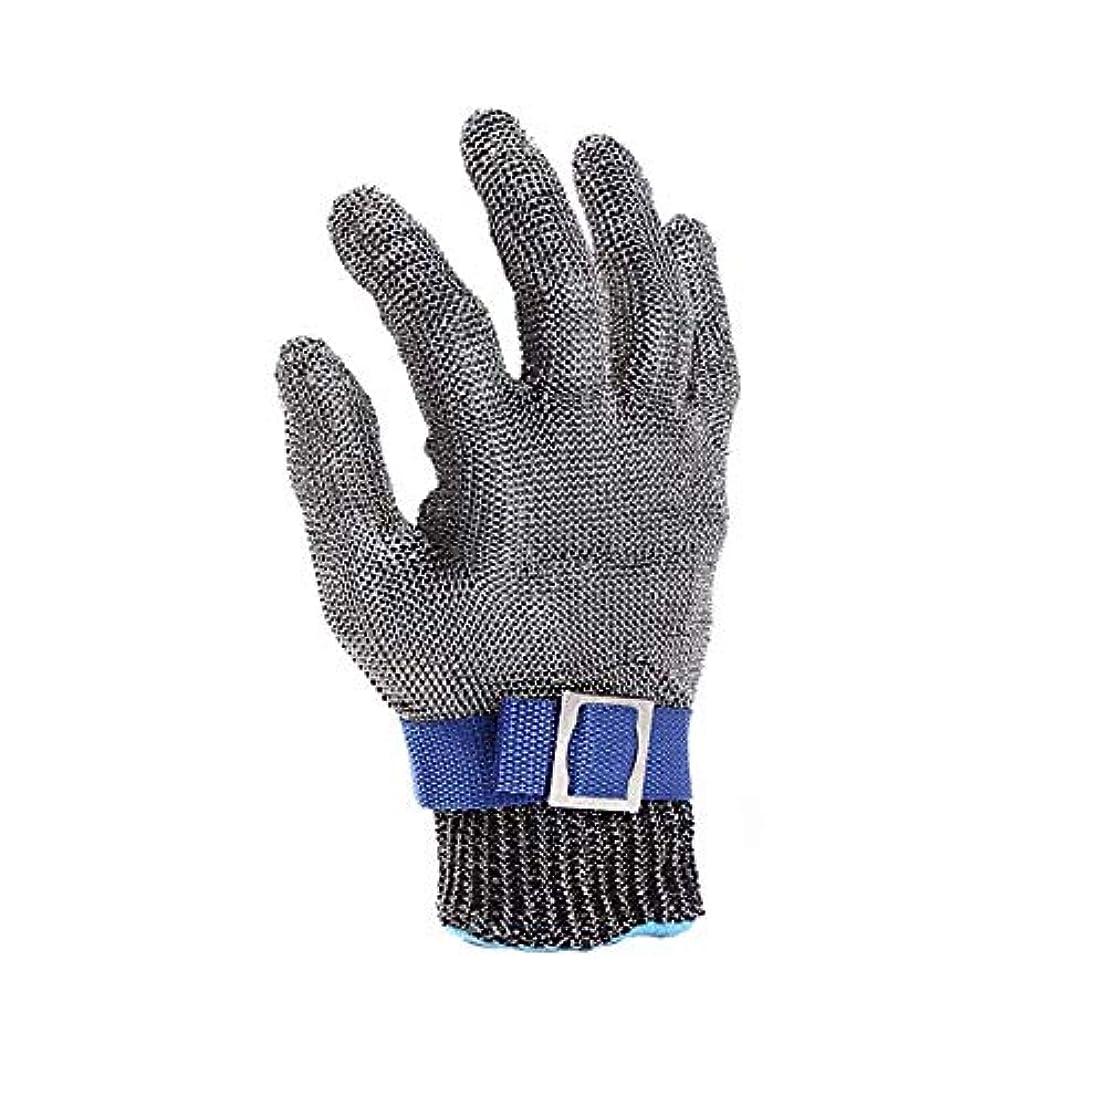 ロイヤリティ南方のキャプチャー食肉加工、釣り用のカット耐性の手袋、ステンレス鋼線メタルメッシュブッチャー安全作業手袋,XL